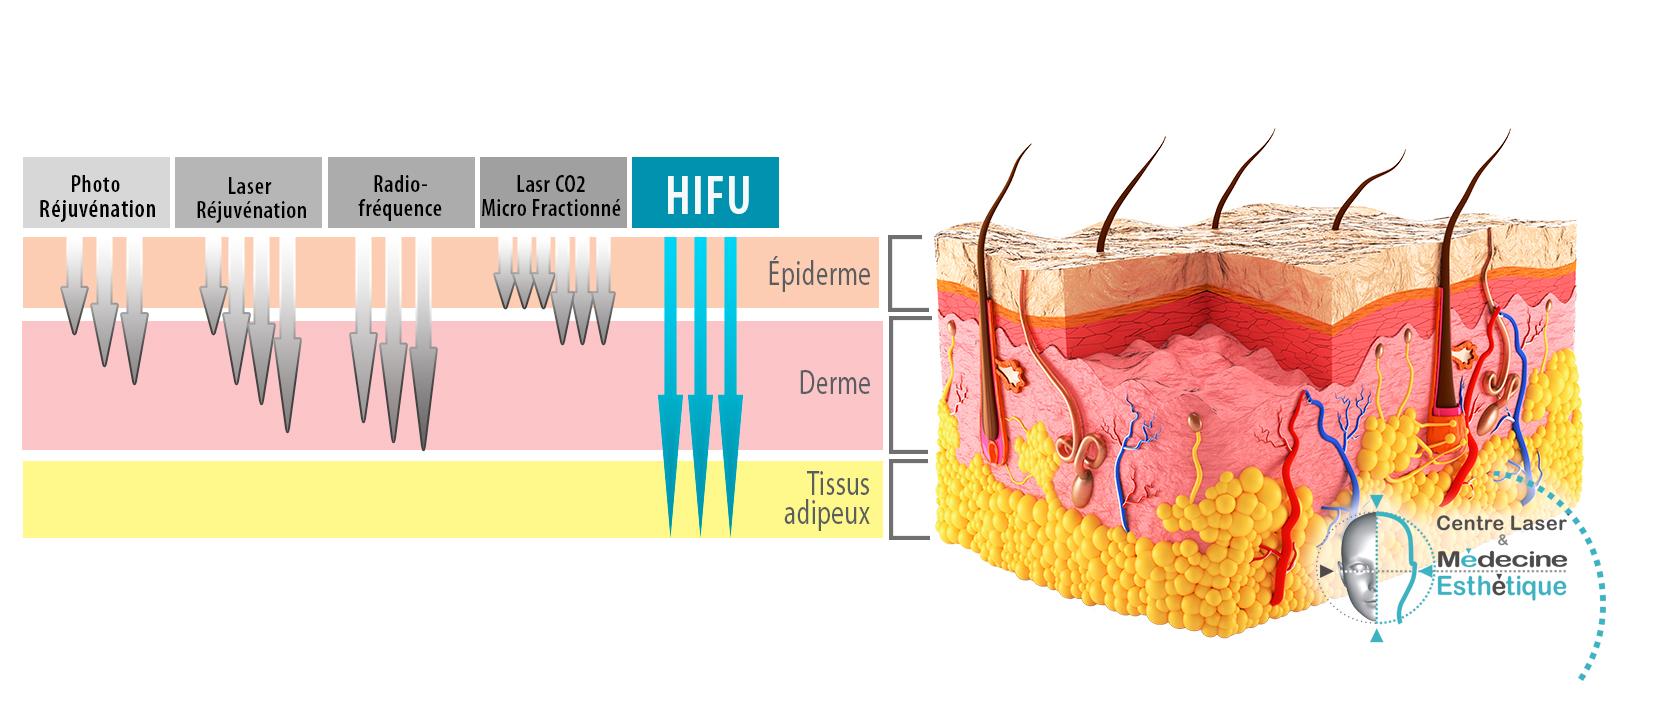 HiFu – Face & Body Reshaped – Centre Épilation Laser et